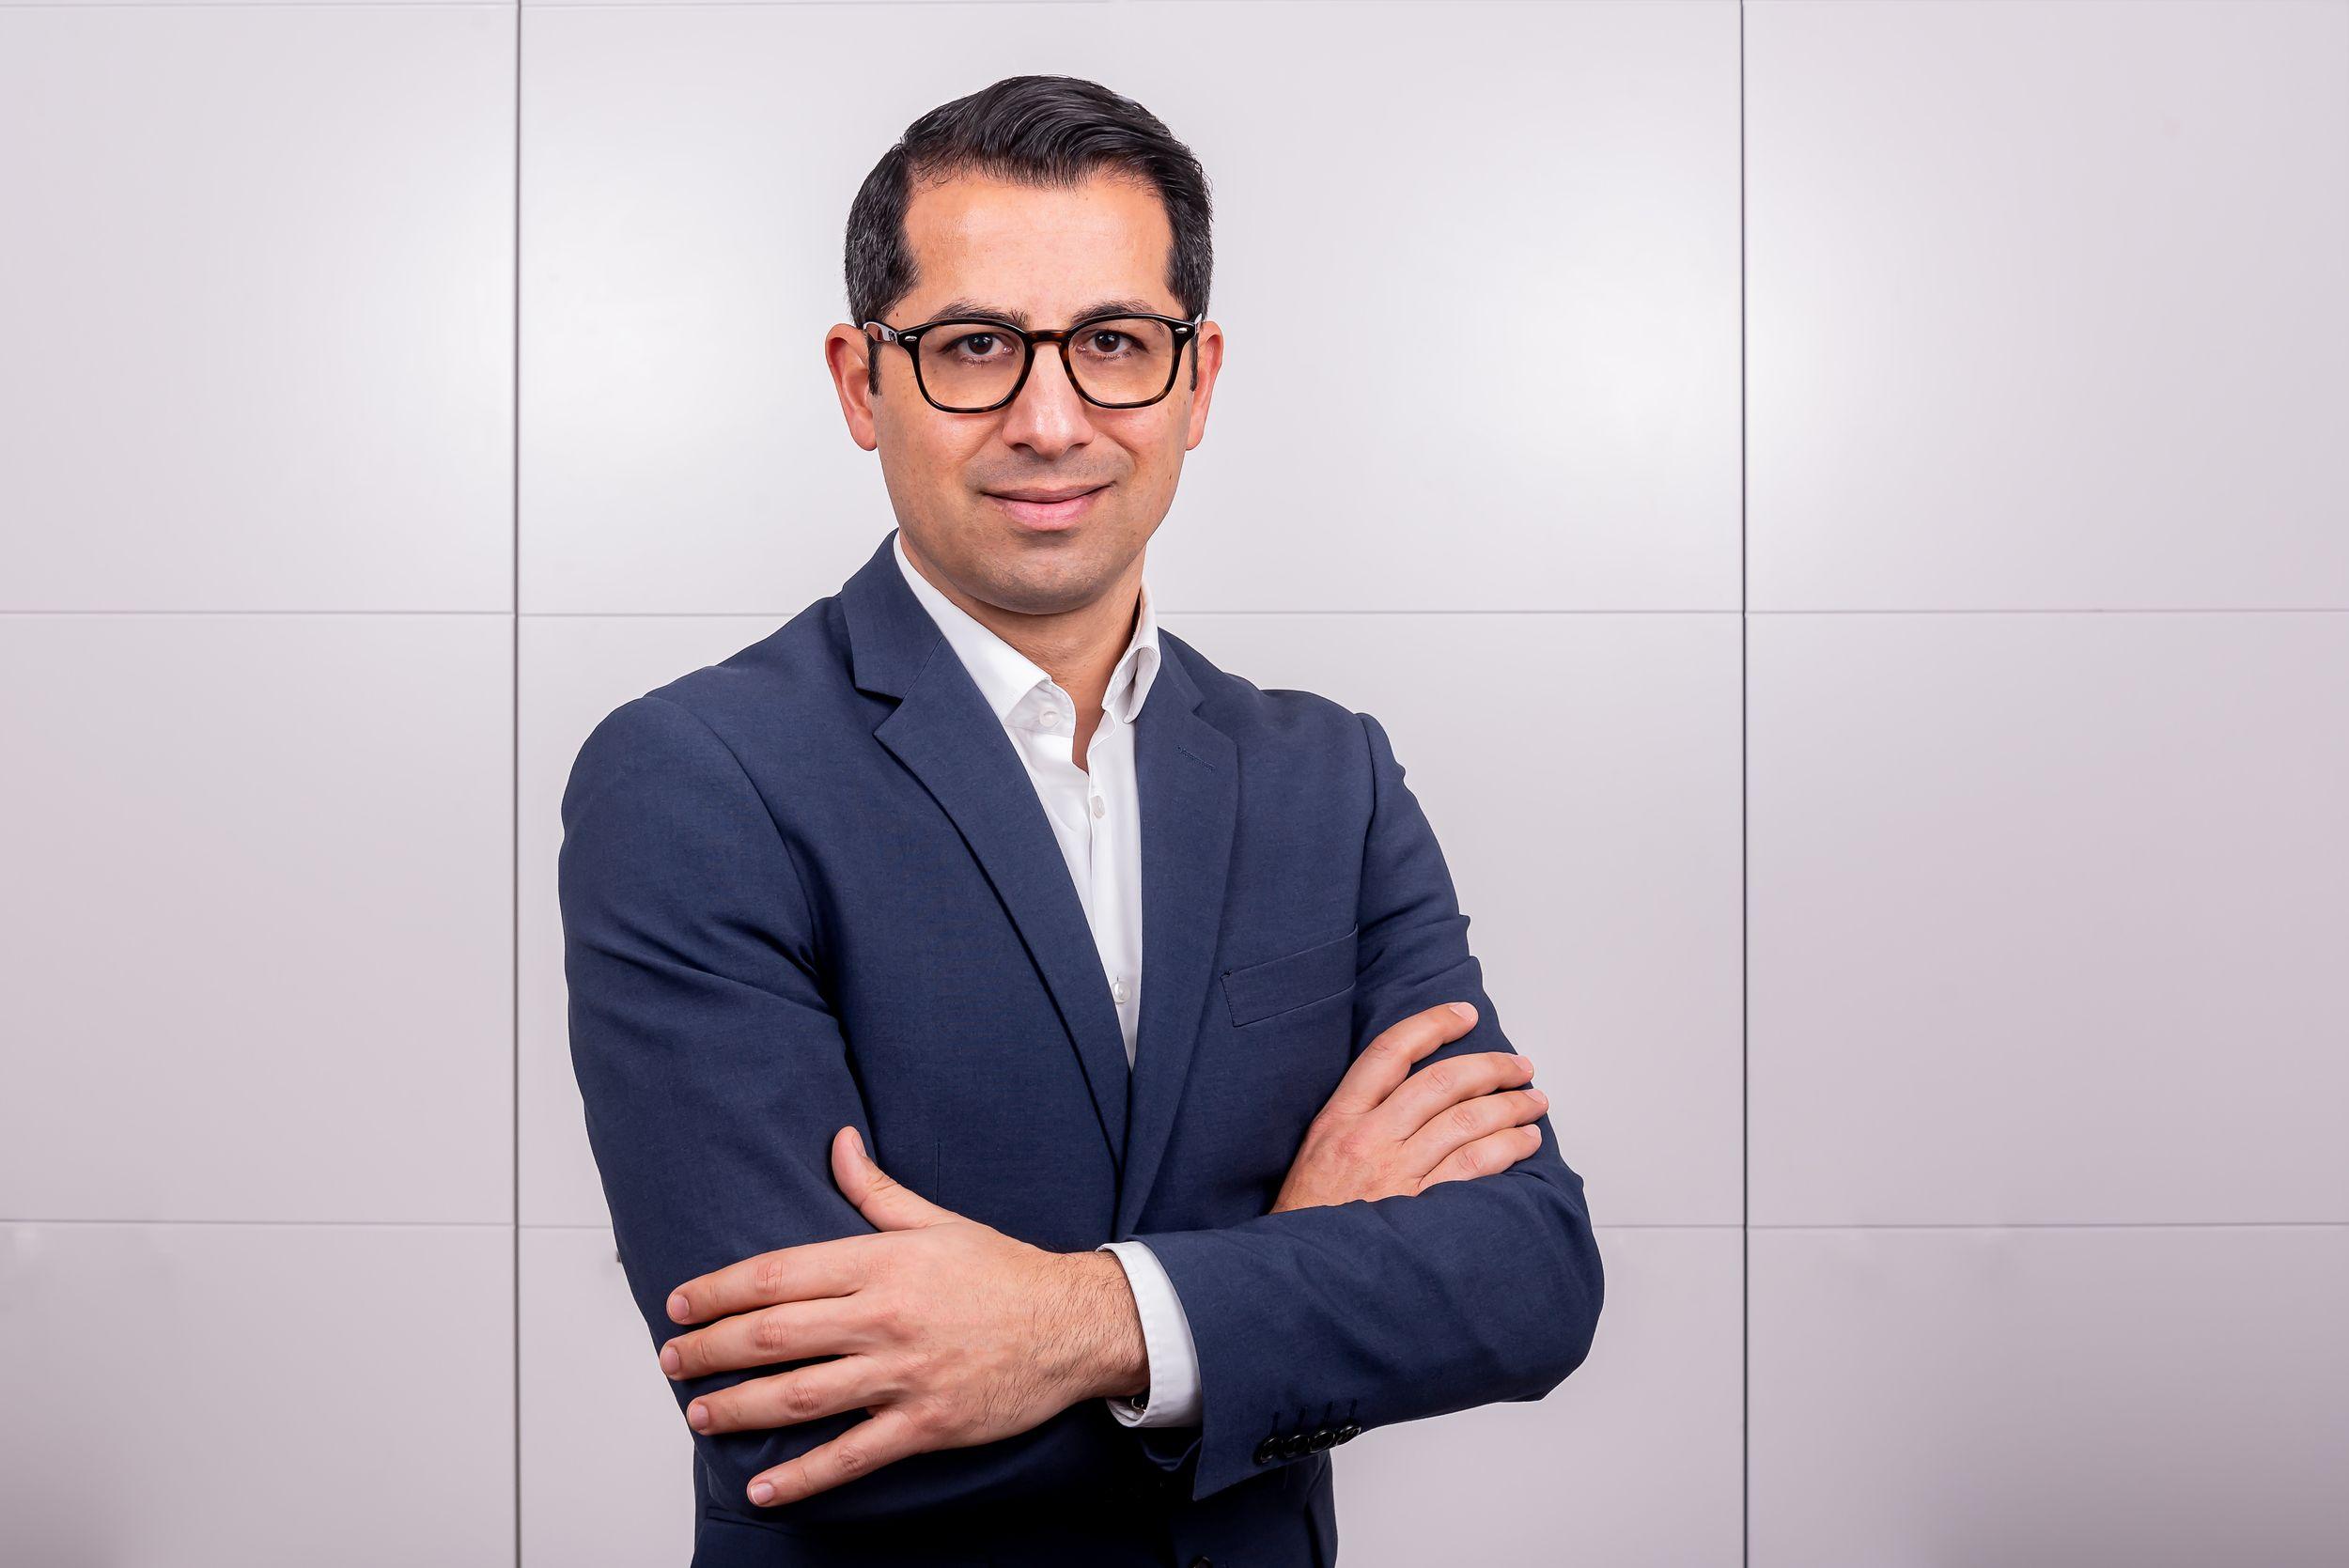 Sharam Honarbakhsh